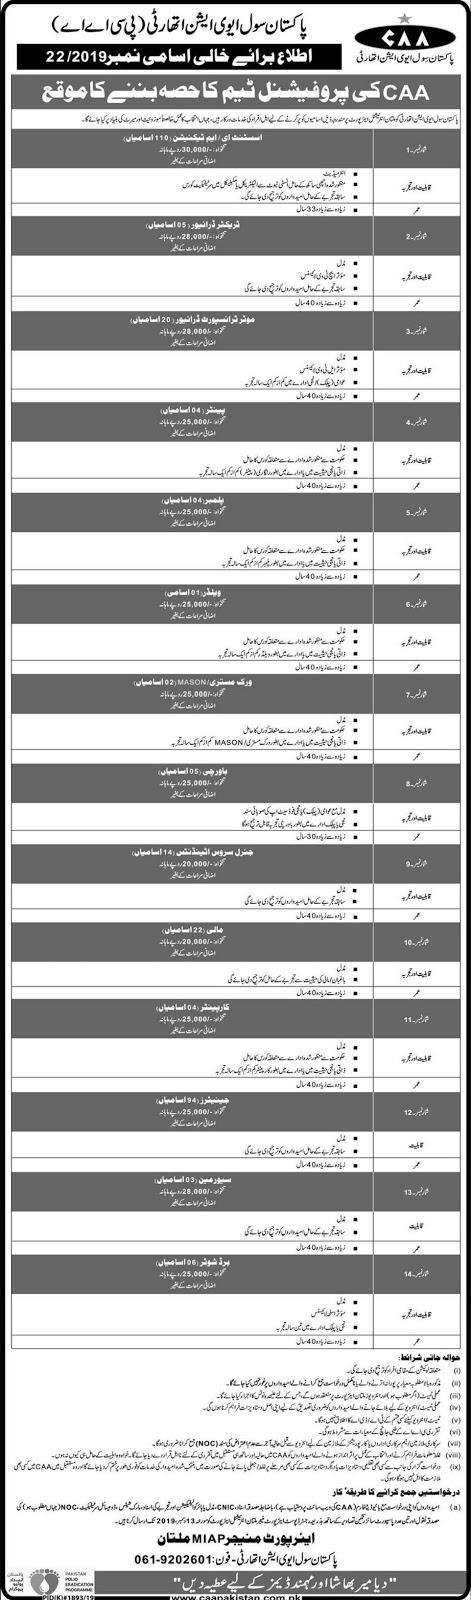 CAA Pakistan Multan International Airport Jobs